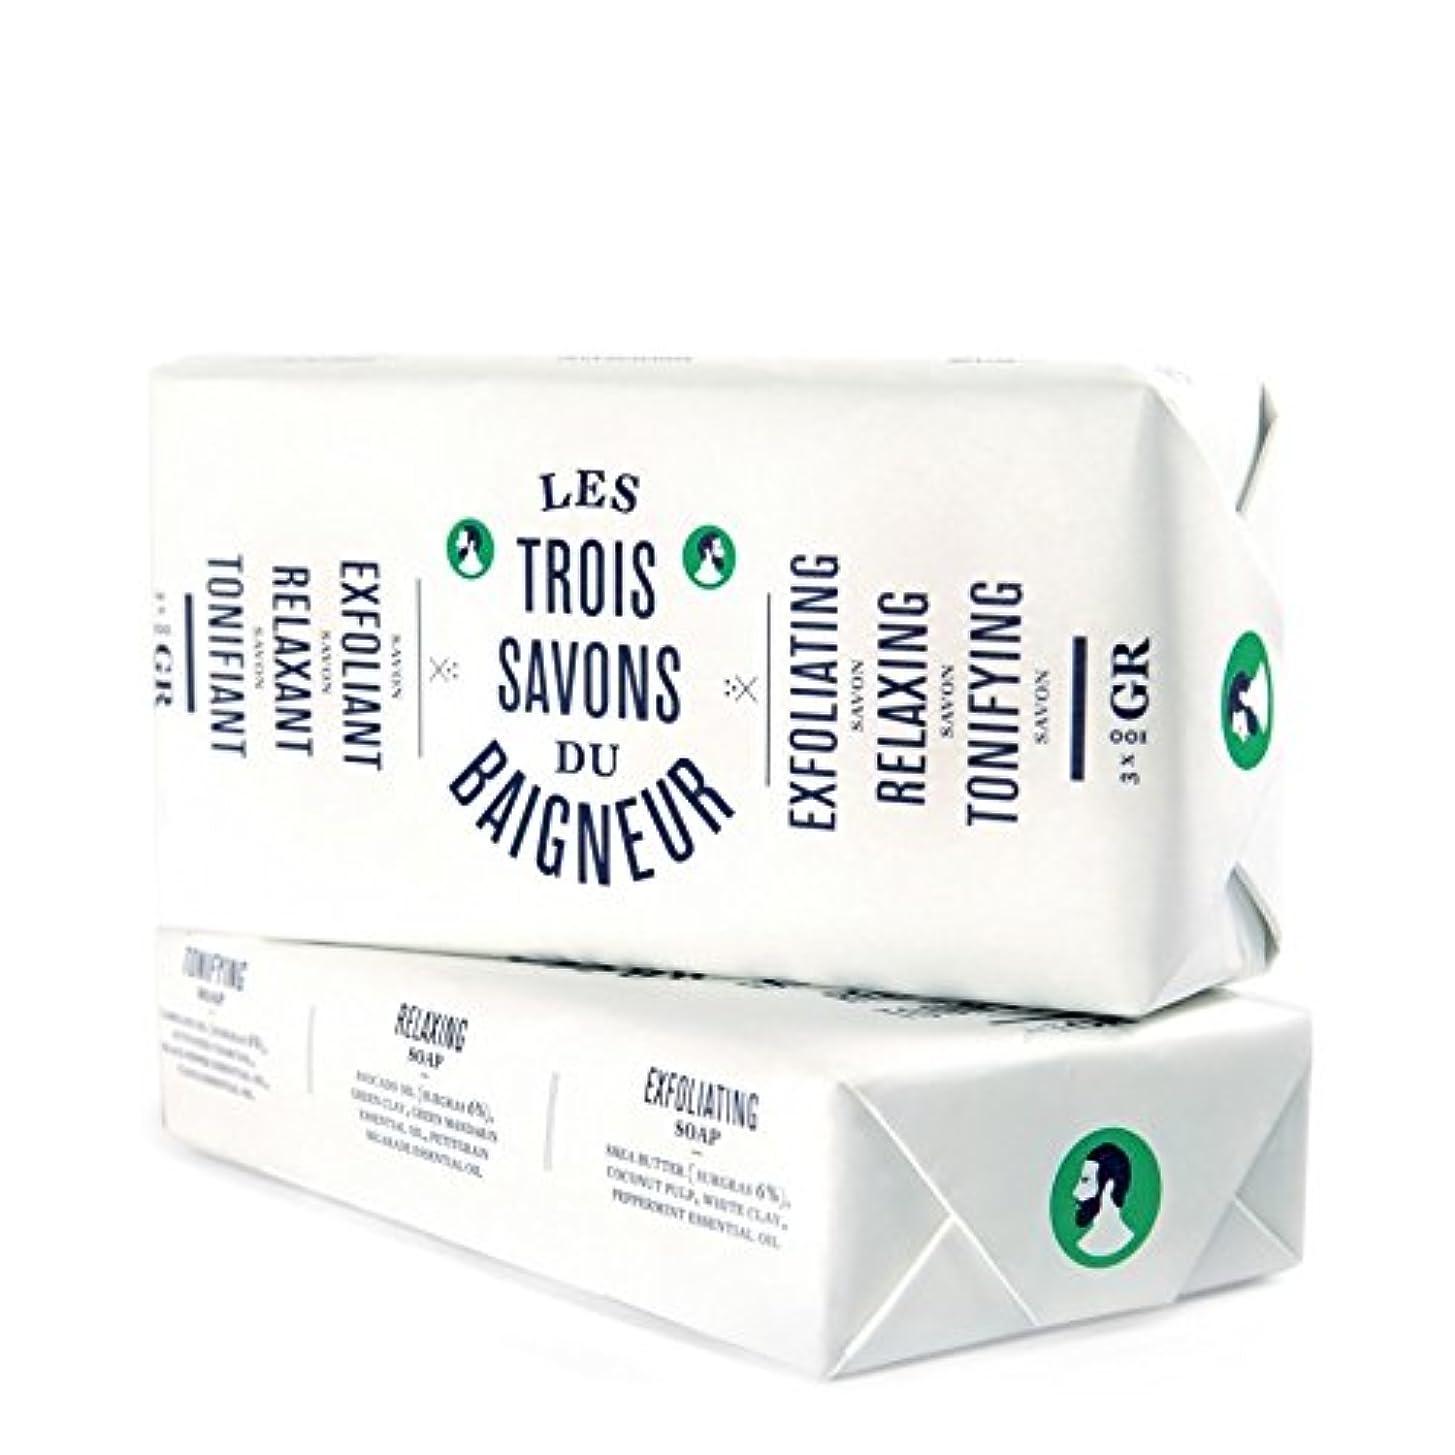 リア王ペルソナアラブサラボル石鹸セット300グラム x2 - Le Baigneur Soap Set 300g (Pack of 2) [並行輸入品]